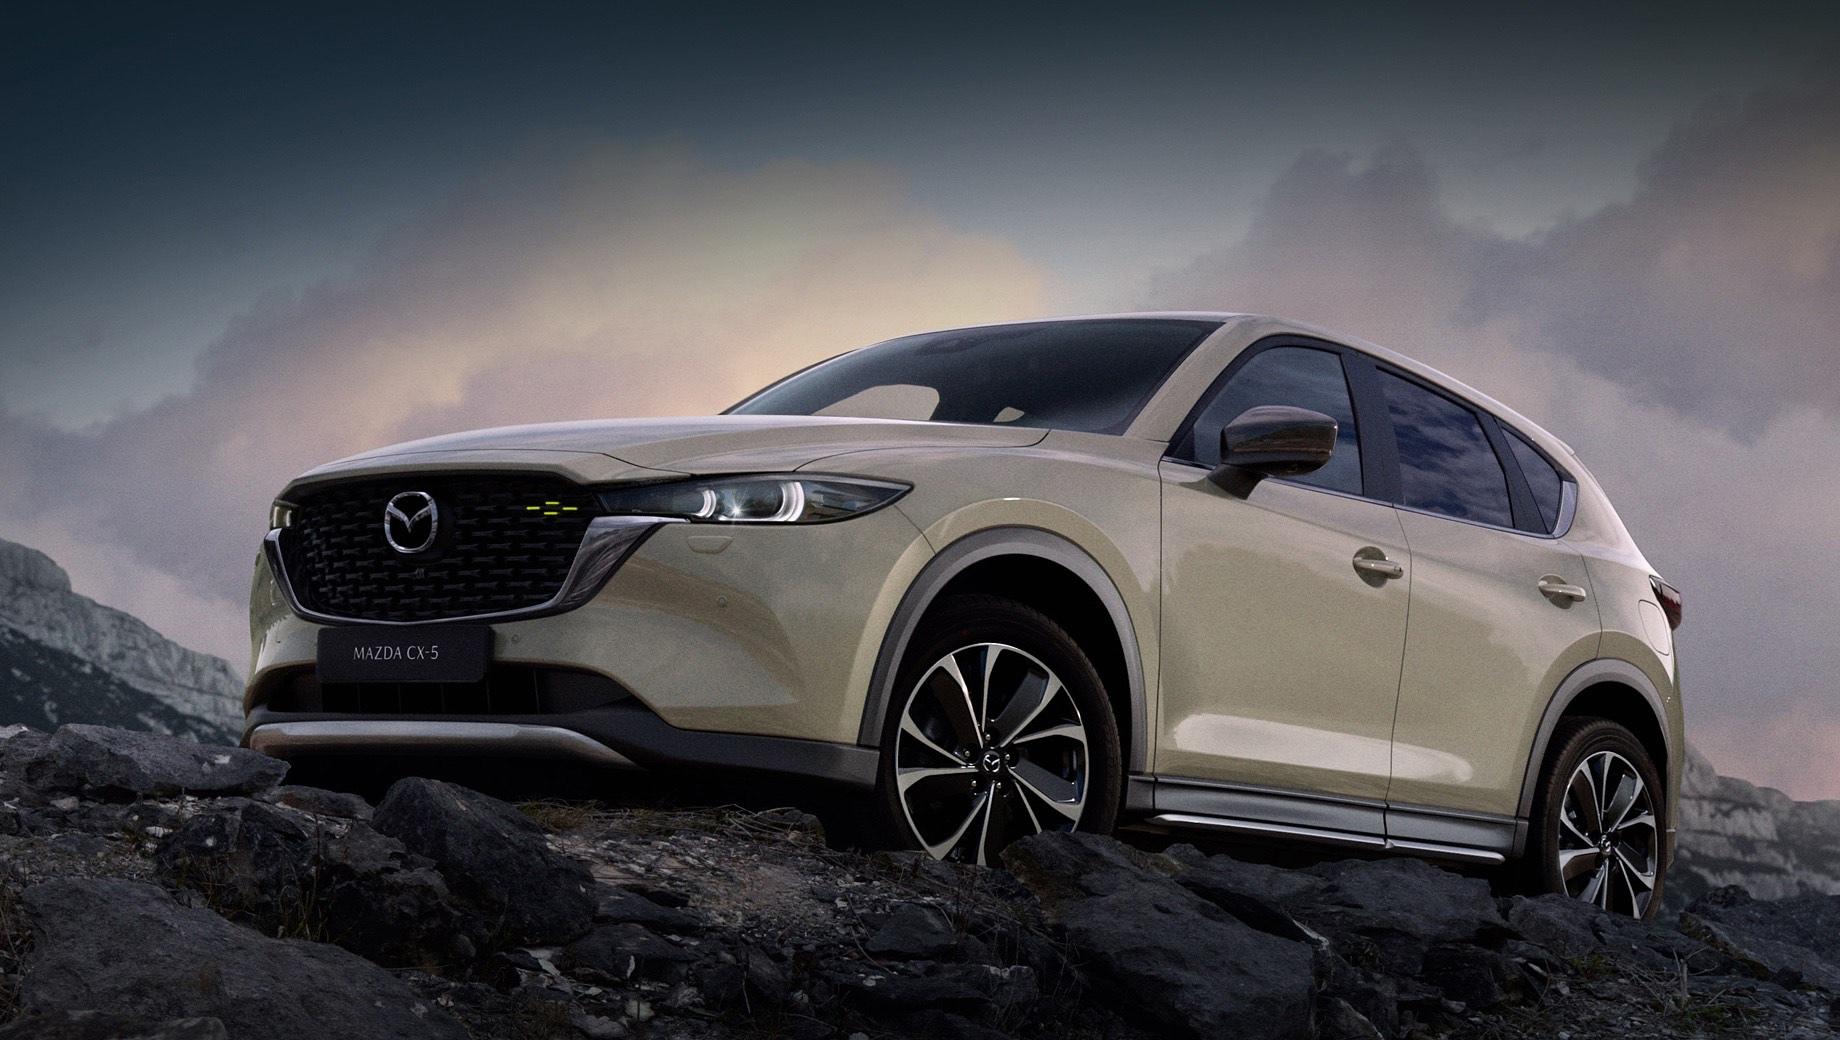 Mazda cx-5. Светодиодные фары и фонари «эволюционировали». Решётка поменяла одну сетчатую структуру на другую, «трёхмерную», а U-образное хромированное «крыло» обрело новую форму. Оба бампера заметно упрощены. Цвет кузова Zircon Sand — новый, как и 19-дюймовые легкосплавные диски.